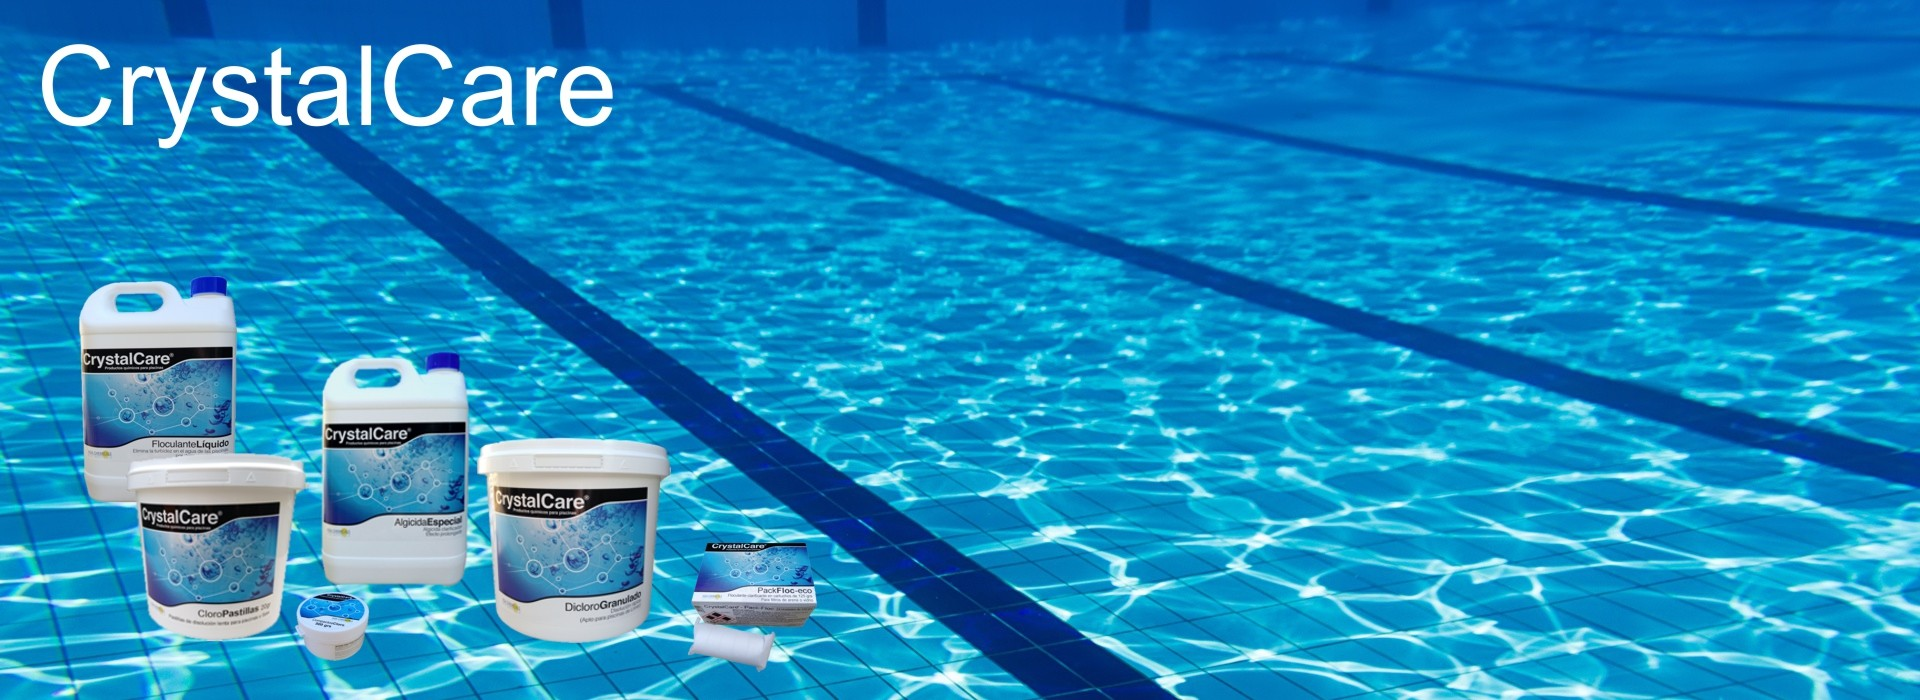 Las mejores soluciones y productos para conseguir la mejor calidad de agua en la piscina